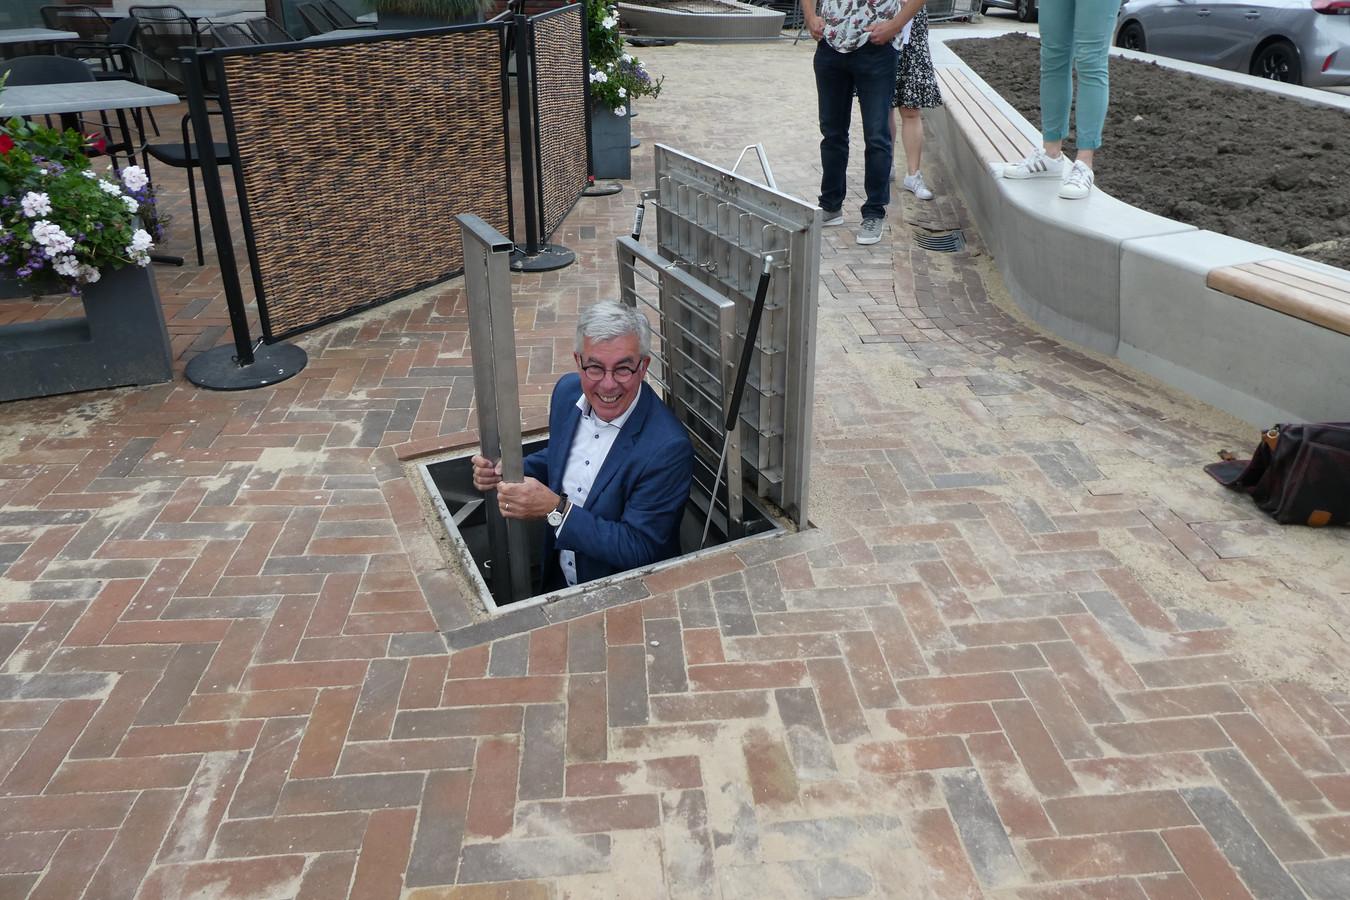 Ed Mathijssen daalt af in de regelkelder van de fontein.